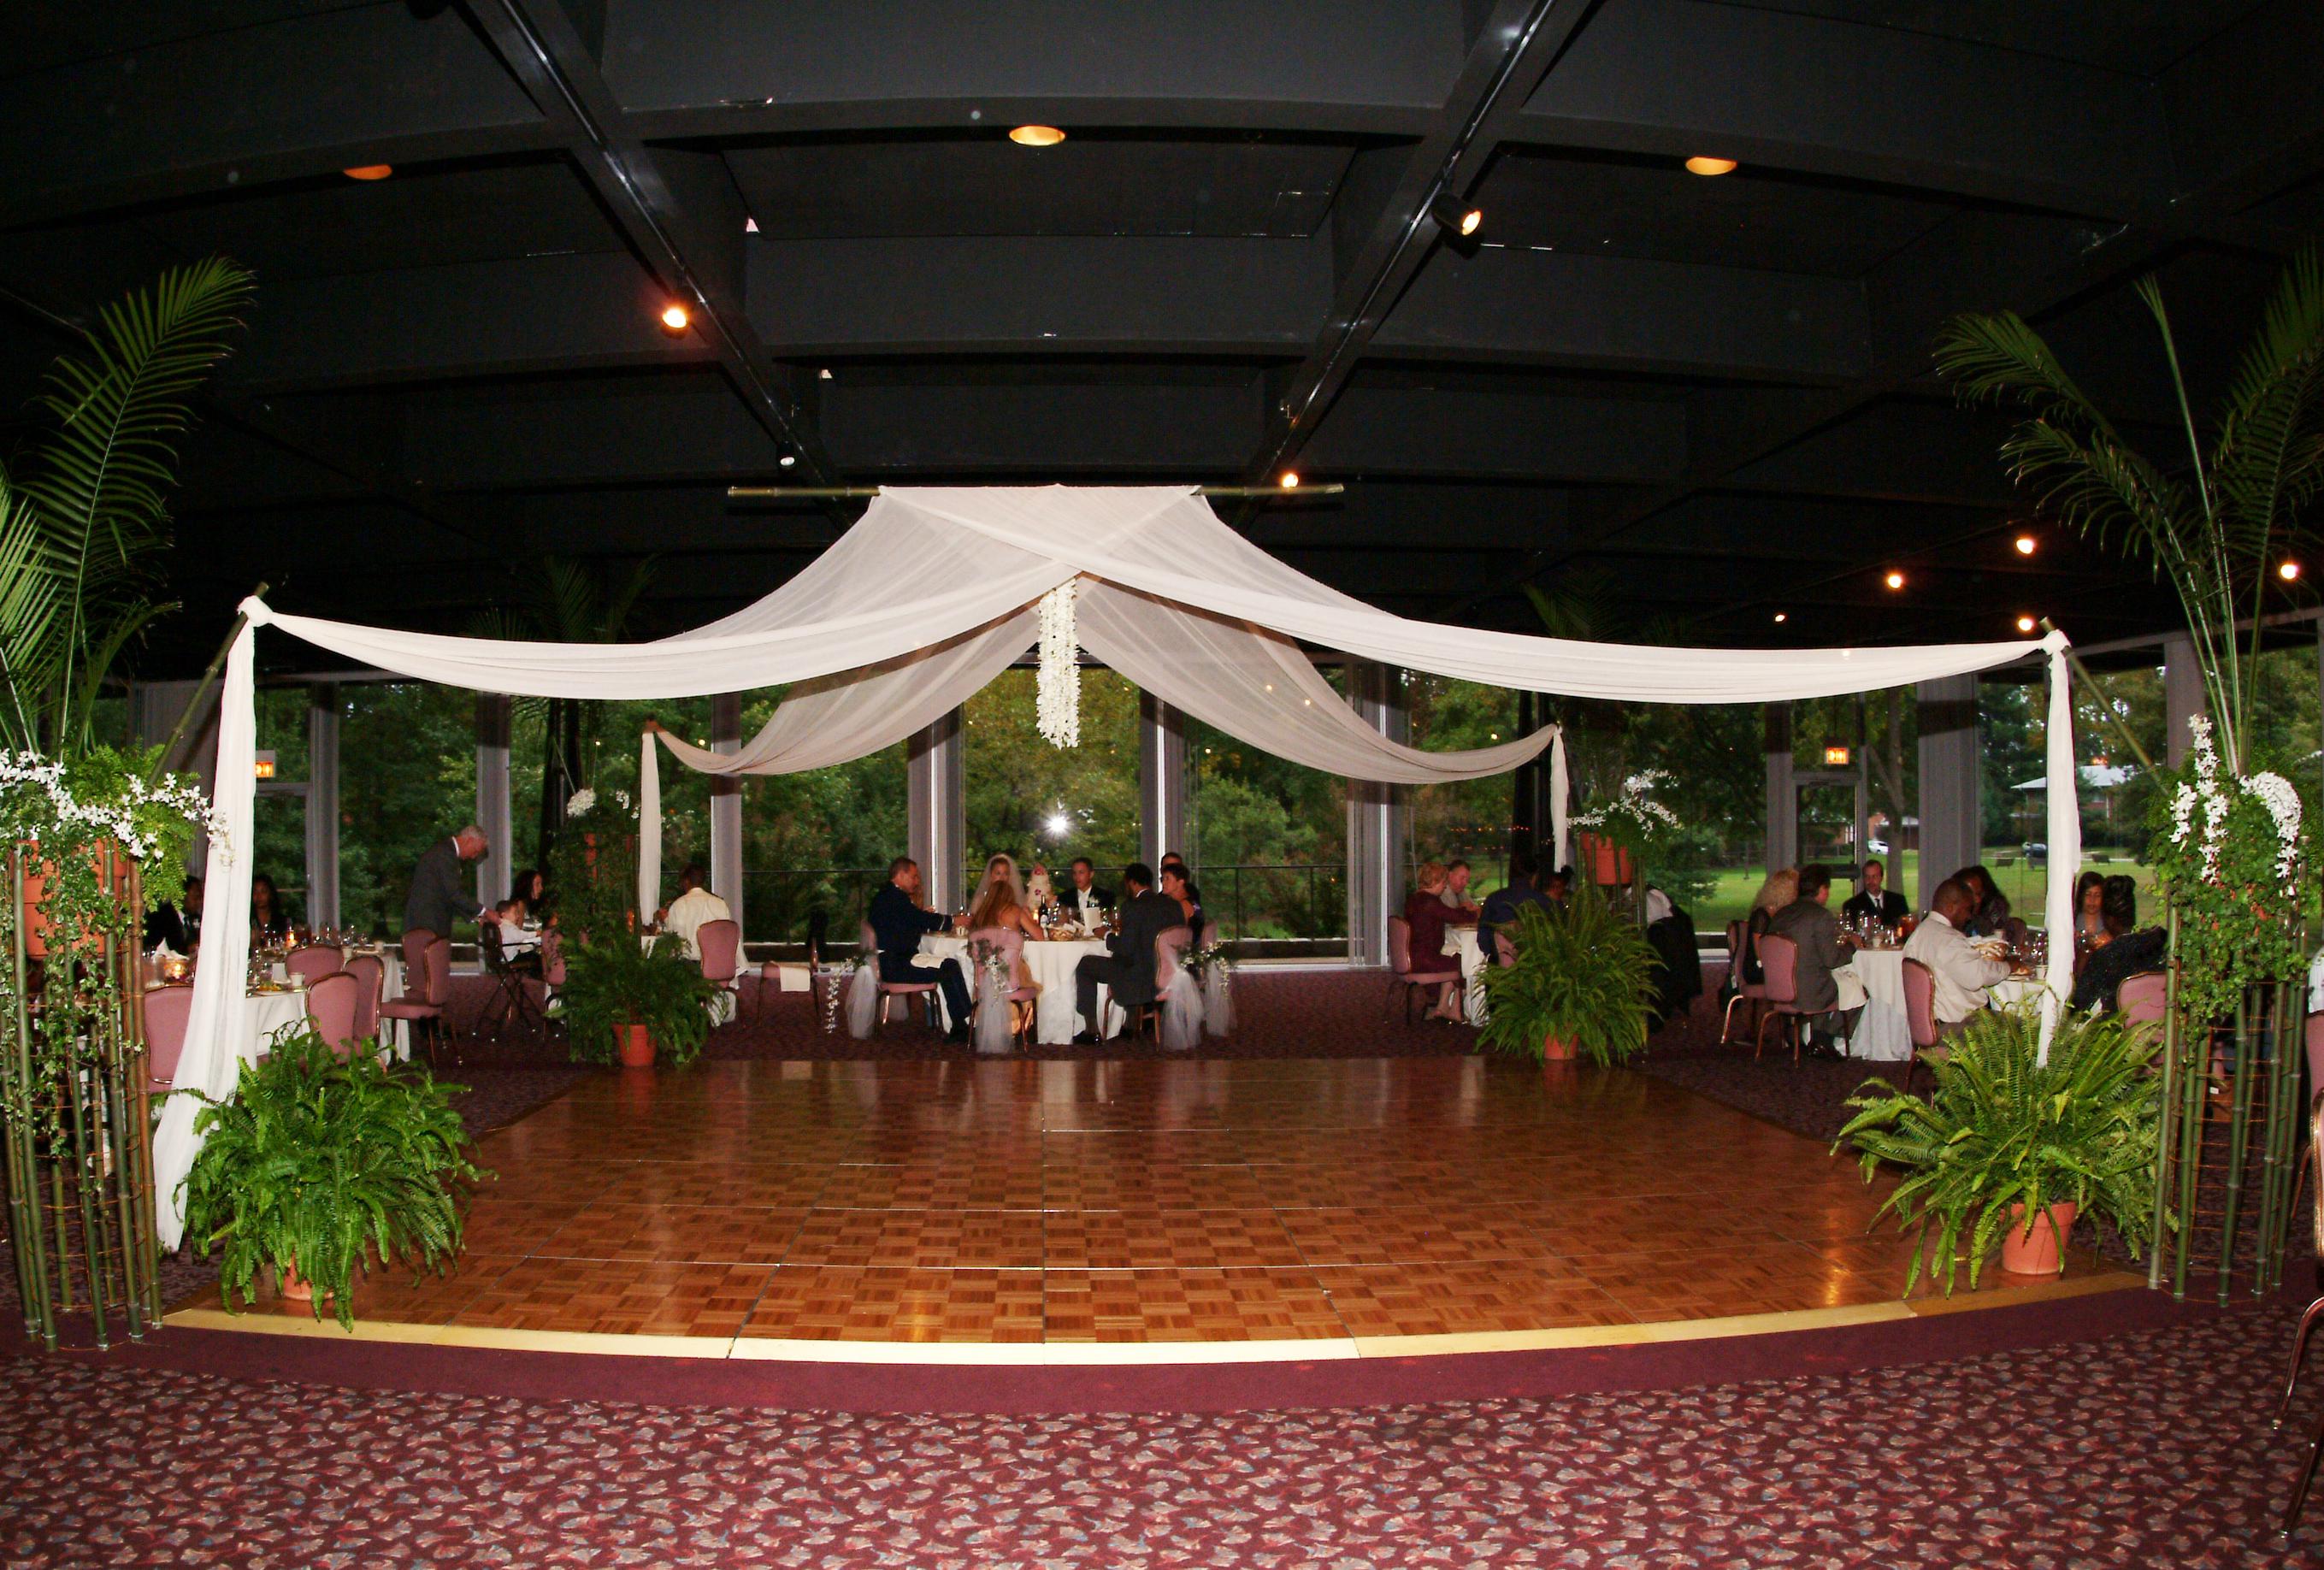 Gauze Fabric Dance Area